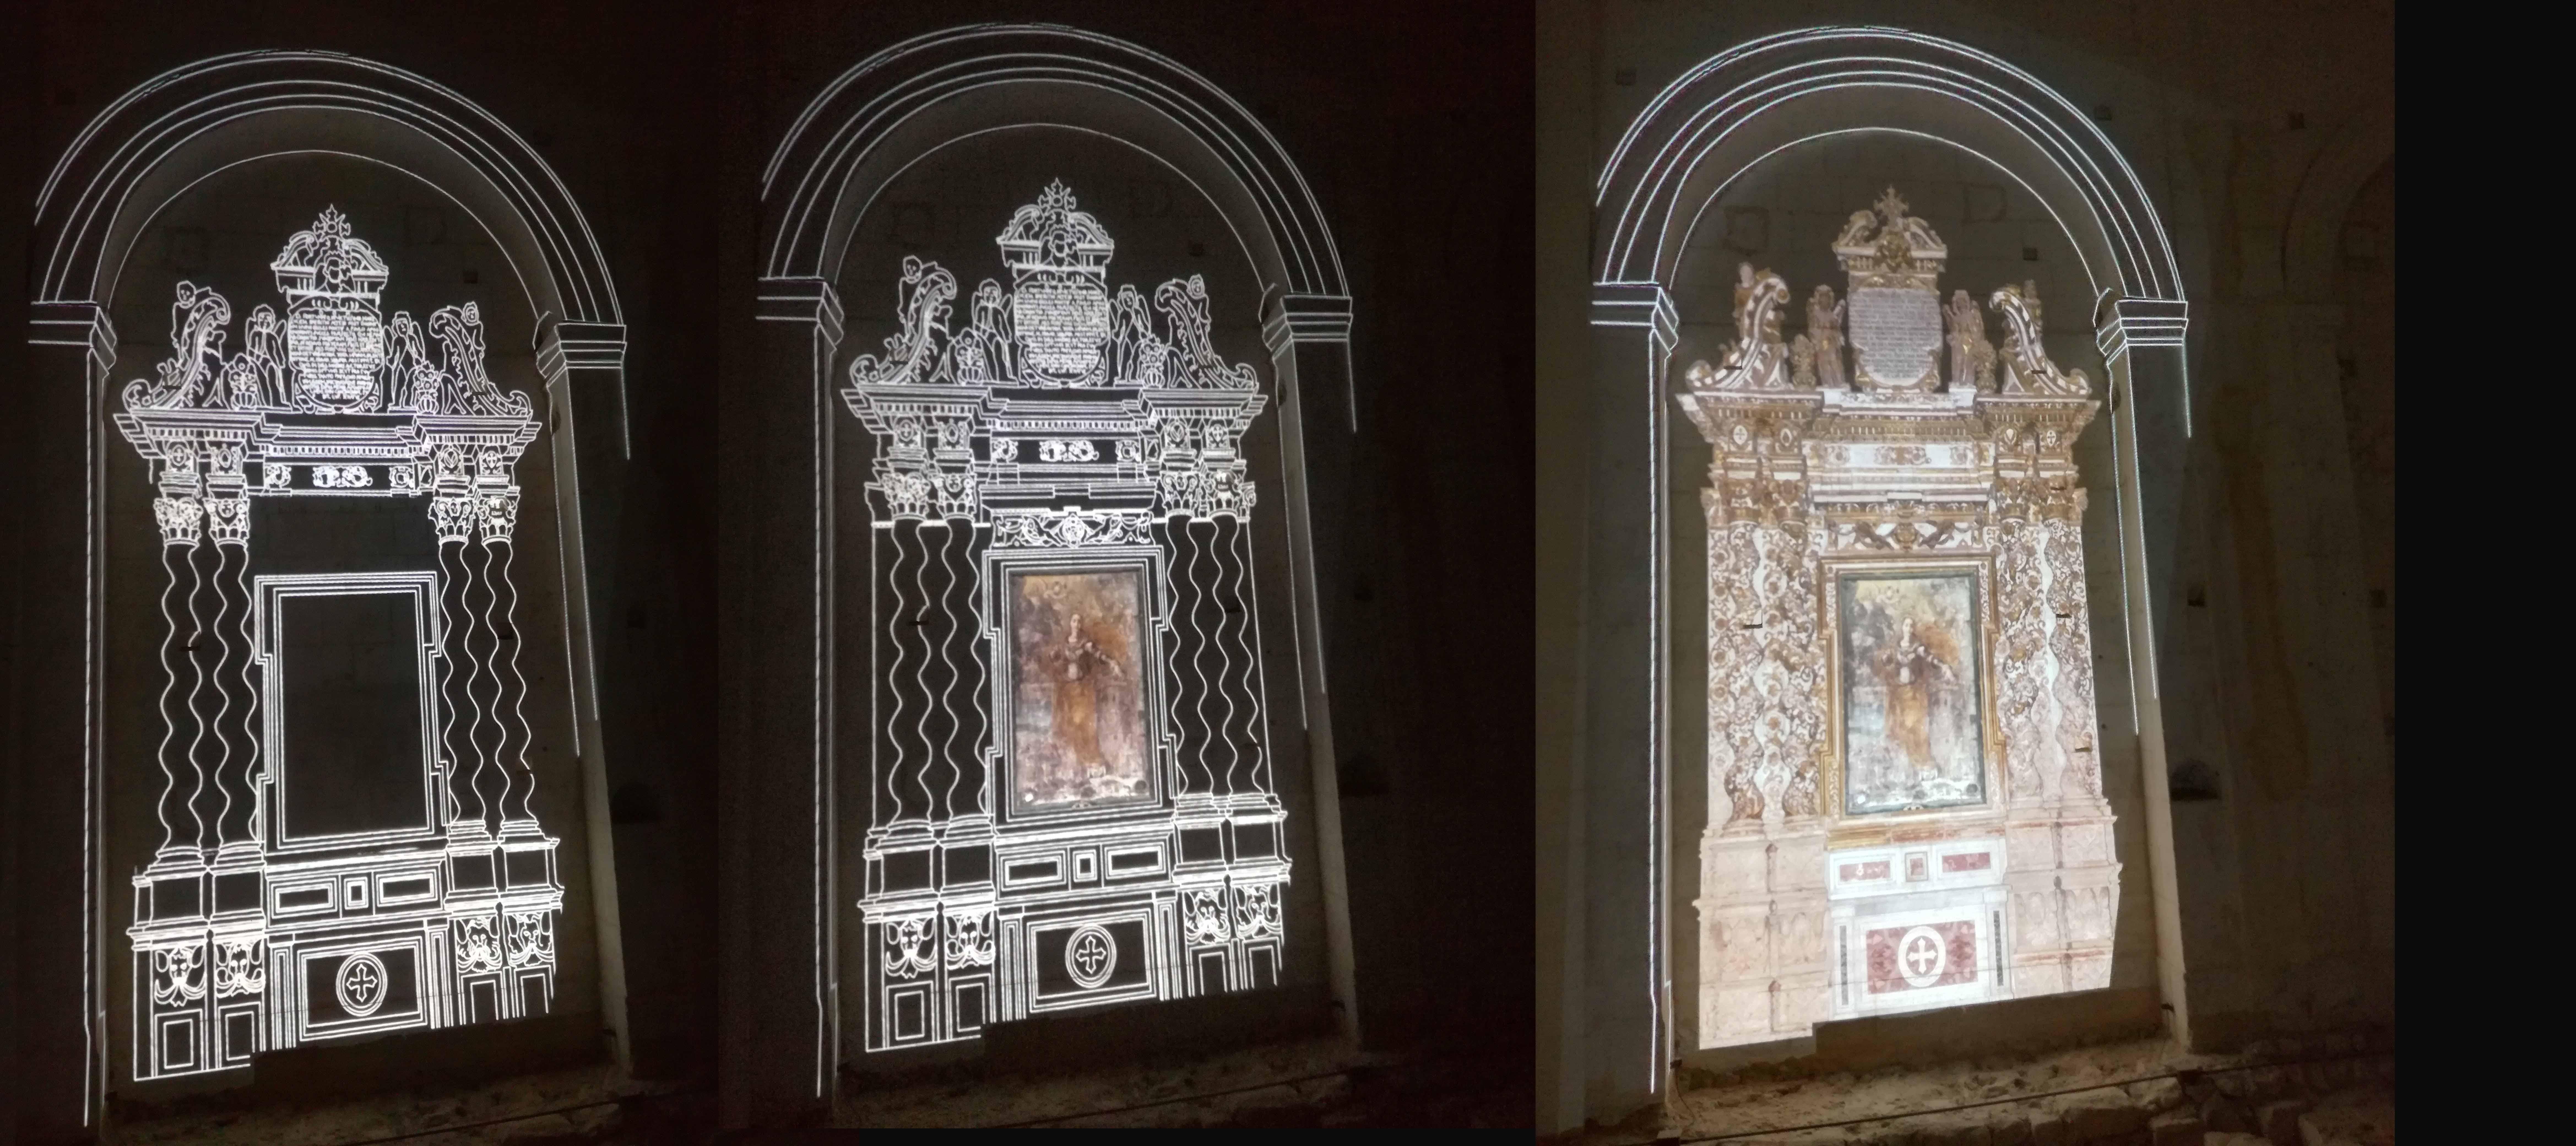 Architetti Famosi Lecce fabio grasso, lecce: la soprintendenza, l'«informatico